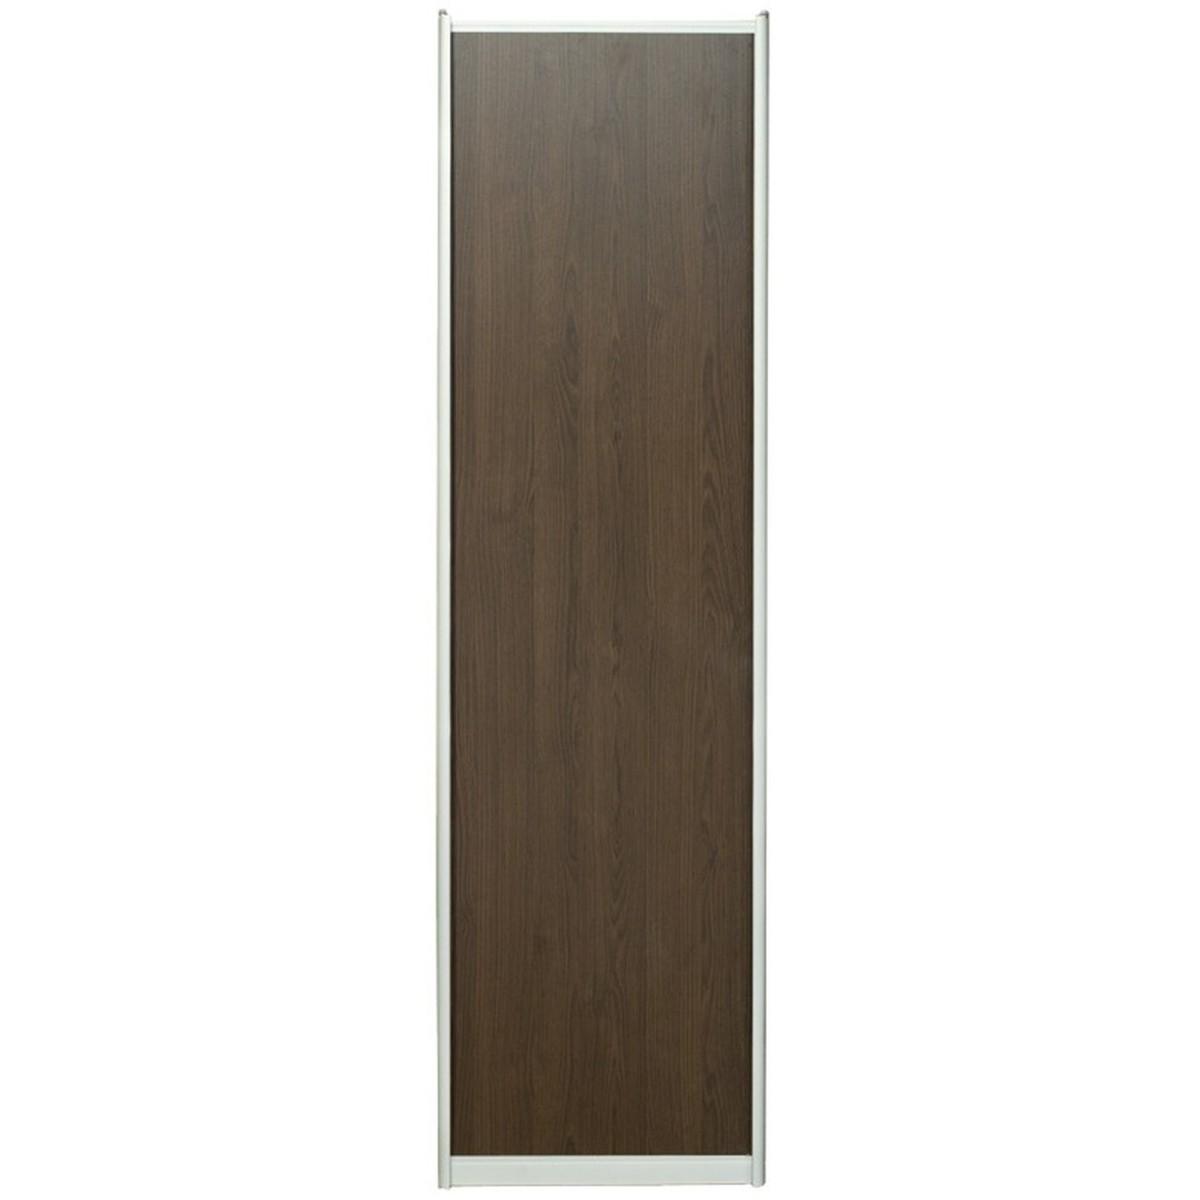 Дверь-купе Spaceo 2555х604 мм цвет венге